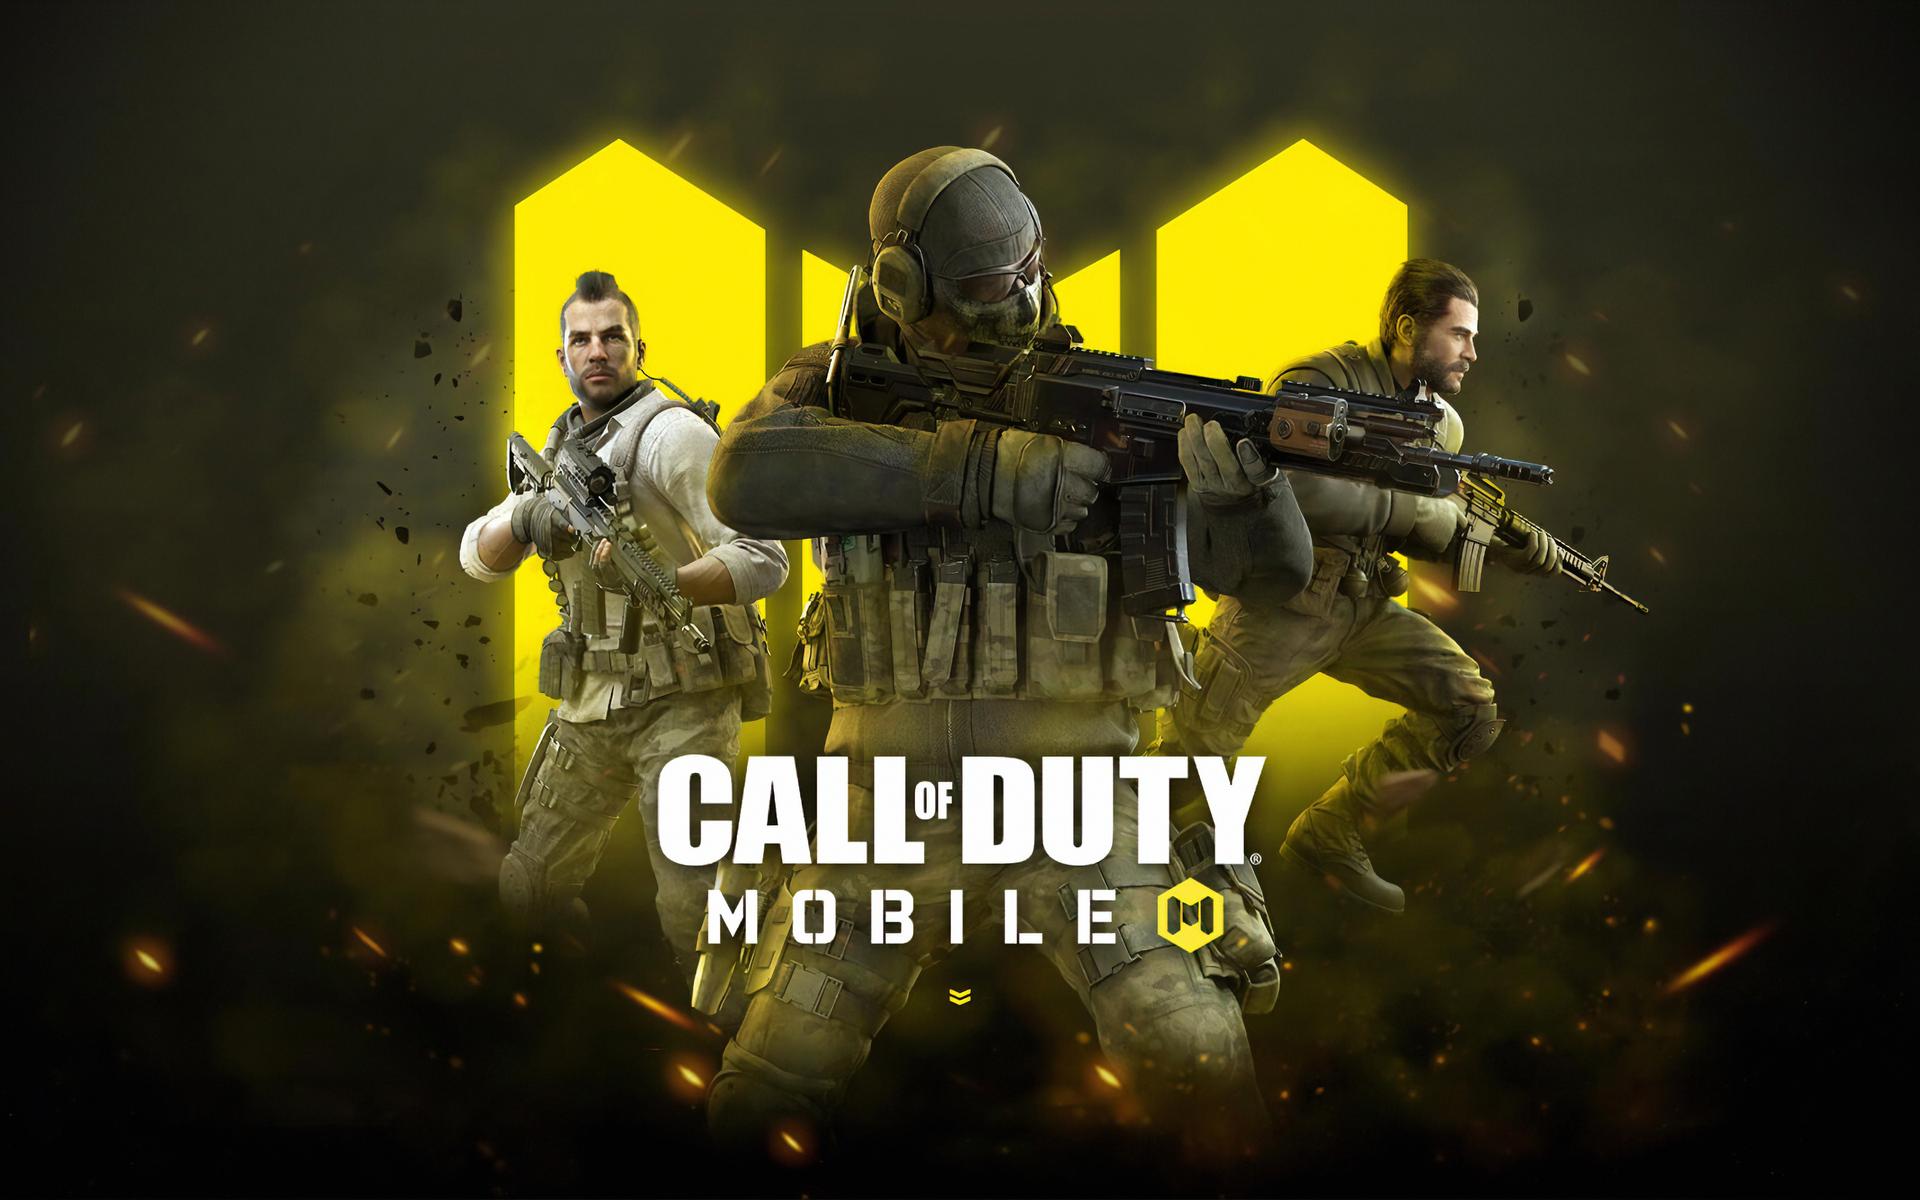 call-of-duty-mobile-4k-2019-he.jpg